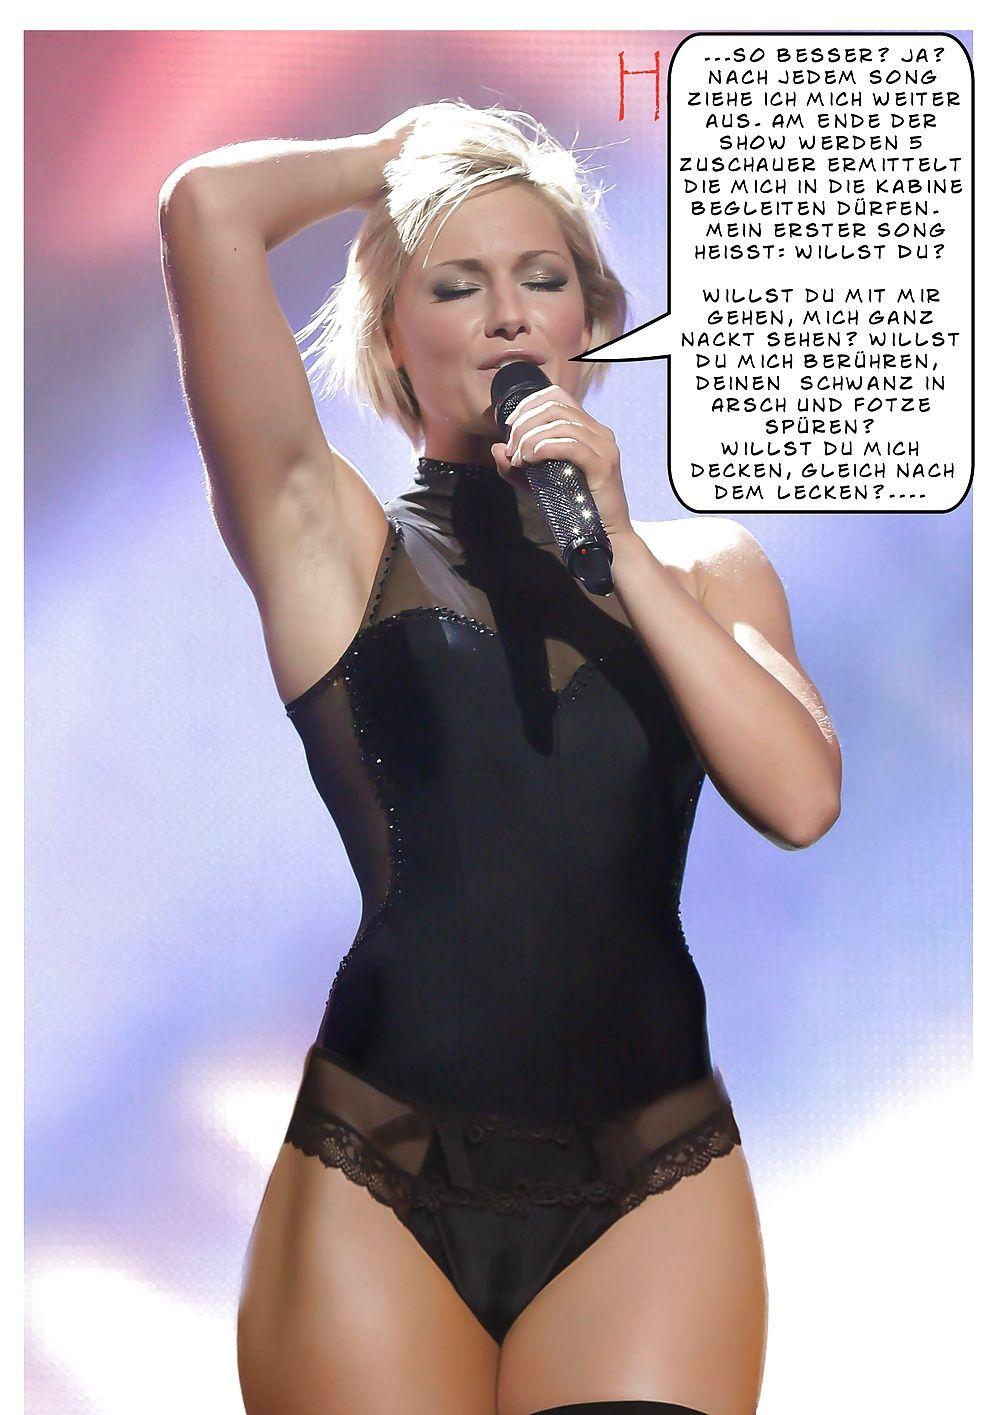 Helene fischer show nackt